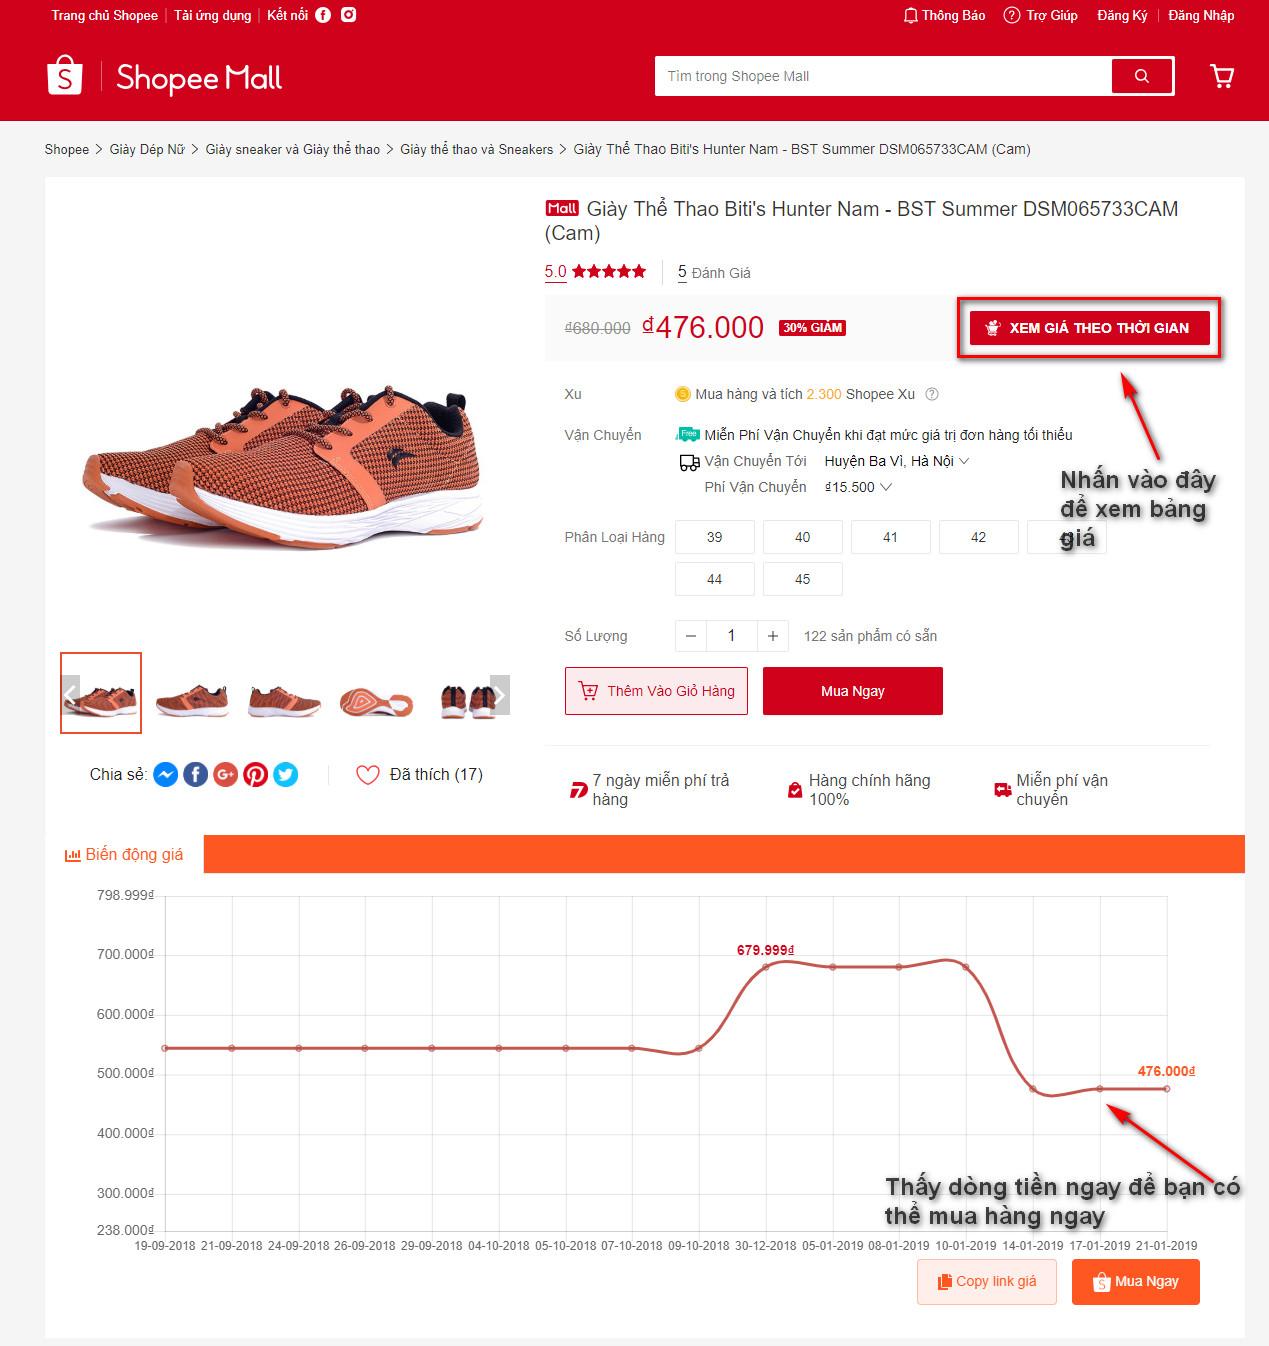 Tiện ích BeeCost – theo dõi giá Shopee biến động để chọn thời điểm mua rẻ nhất